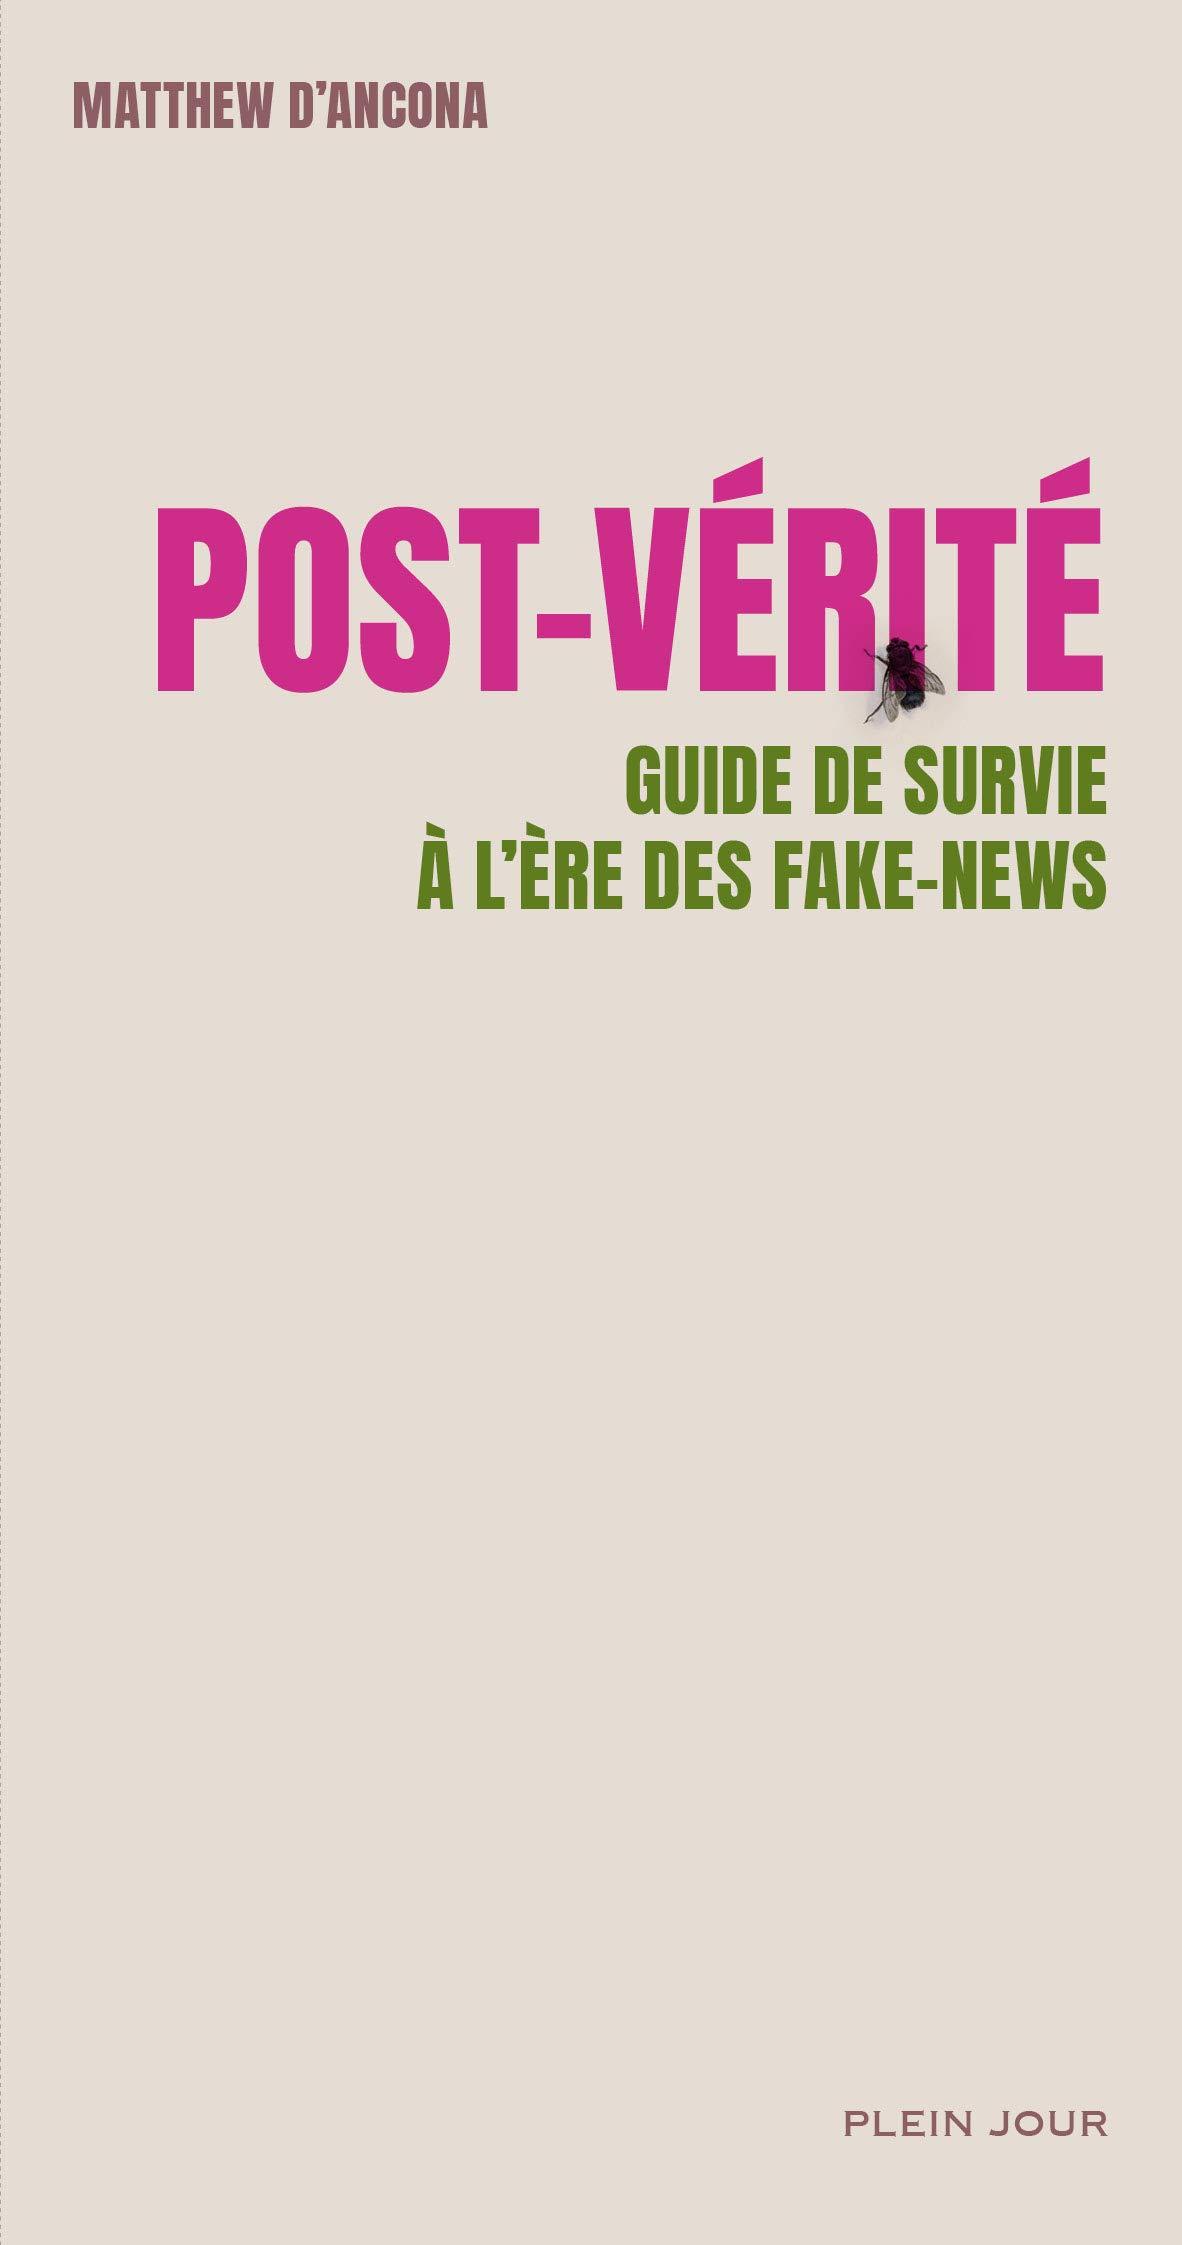 Post-vérité - Guide de survie à l'ère des fake news